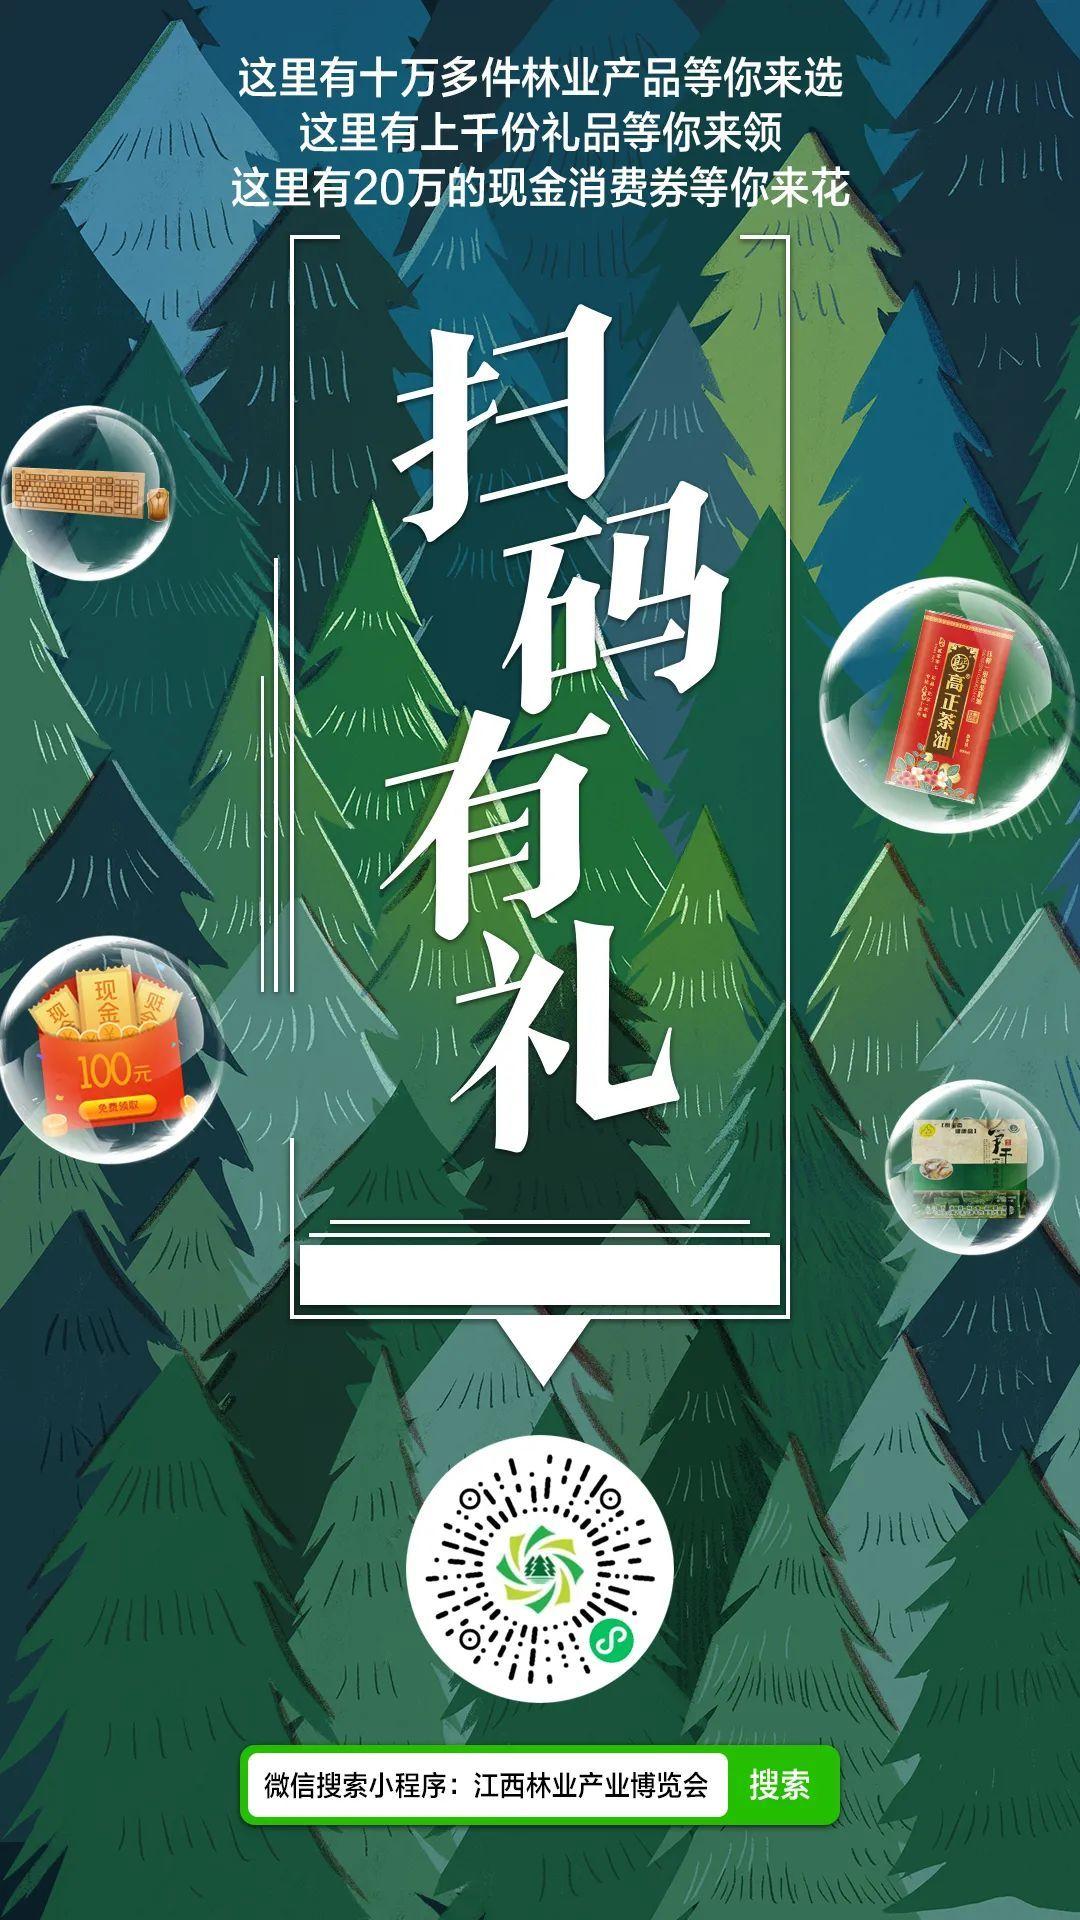 江西林业产业博览会小程序正式上线